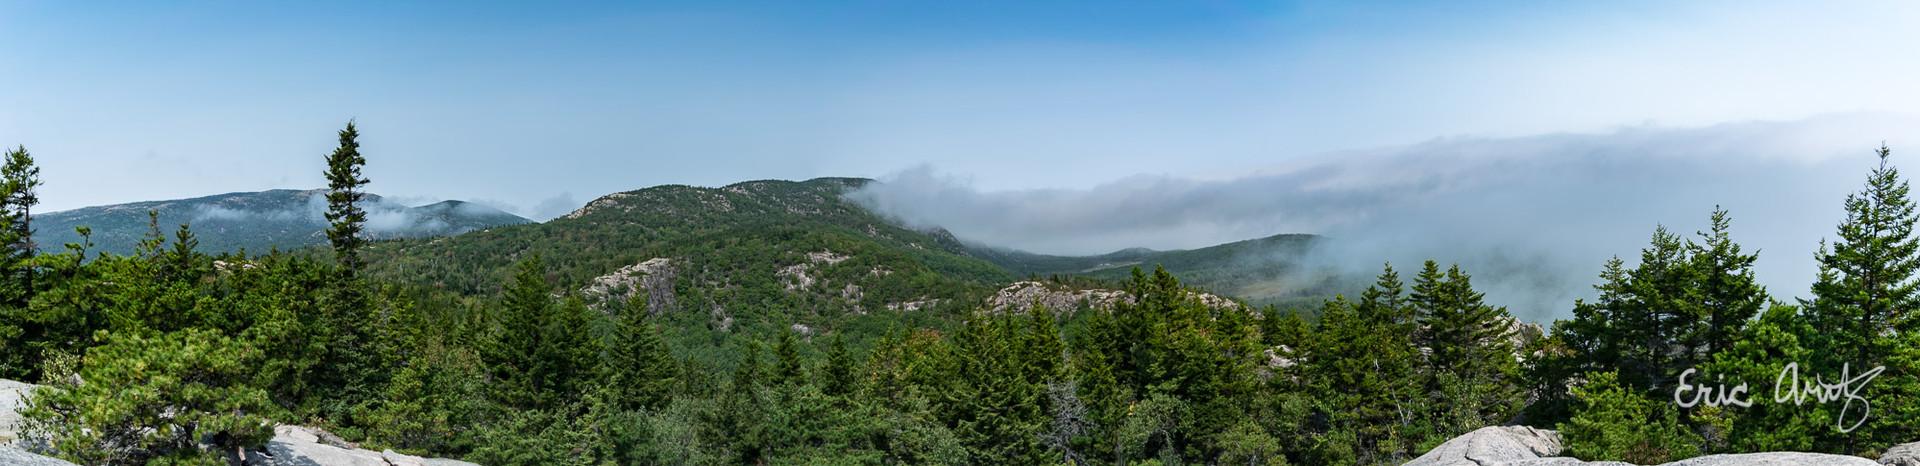 Fog Over Acadia